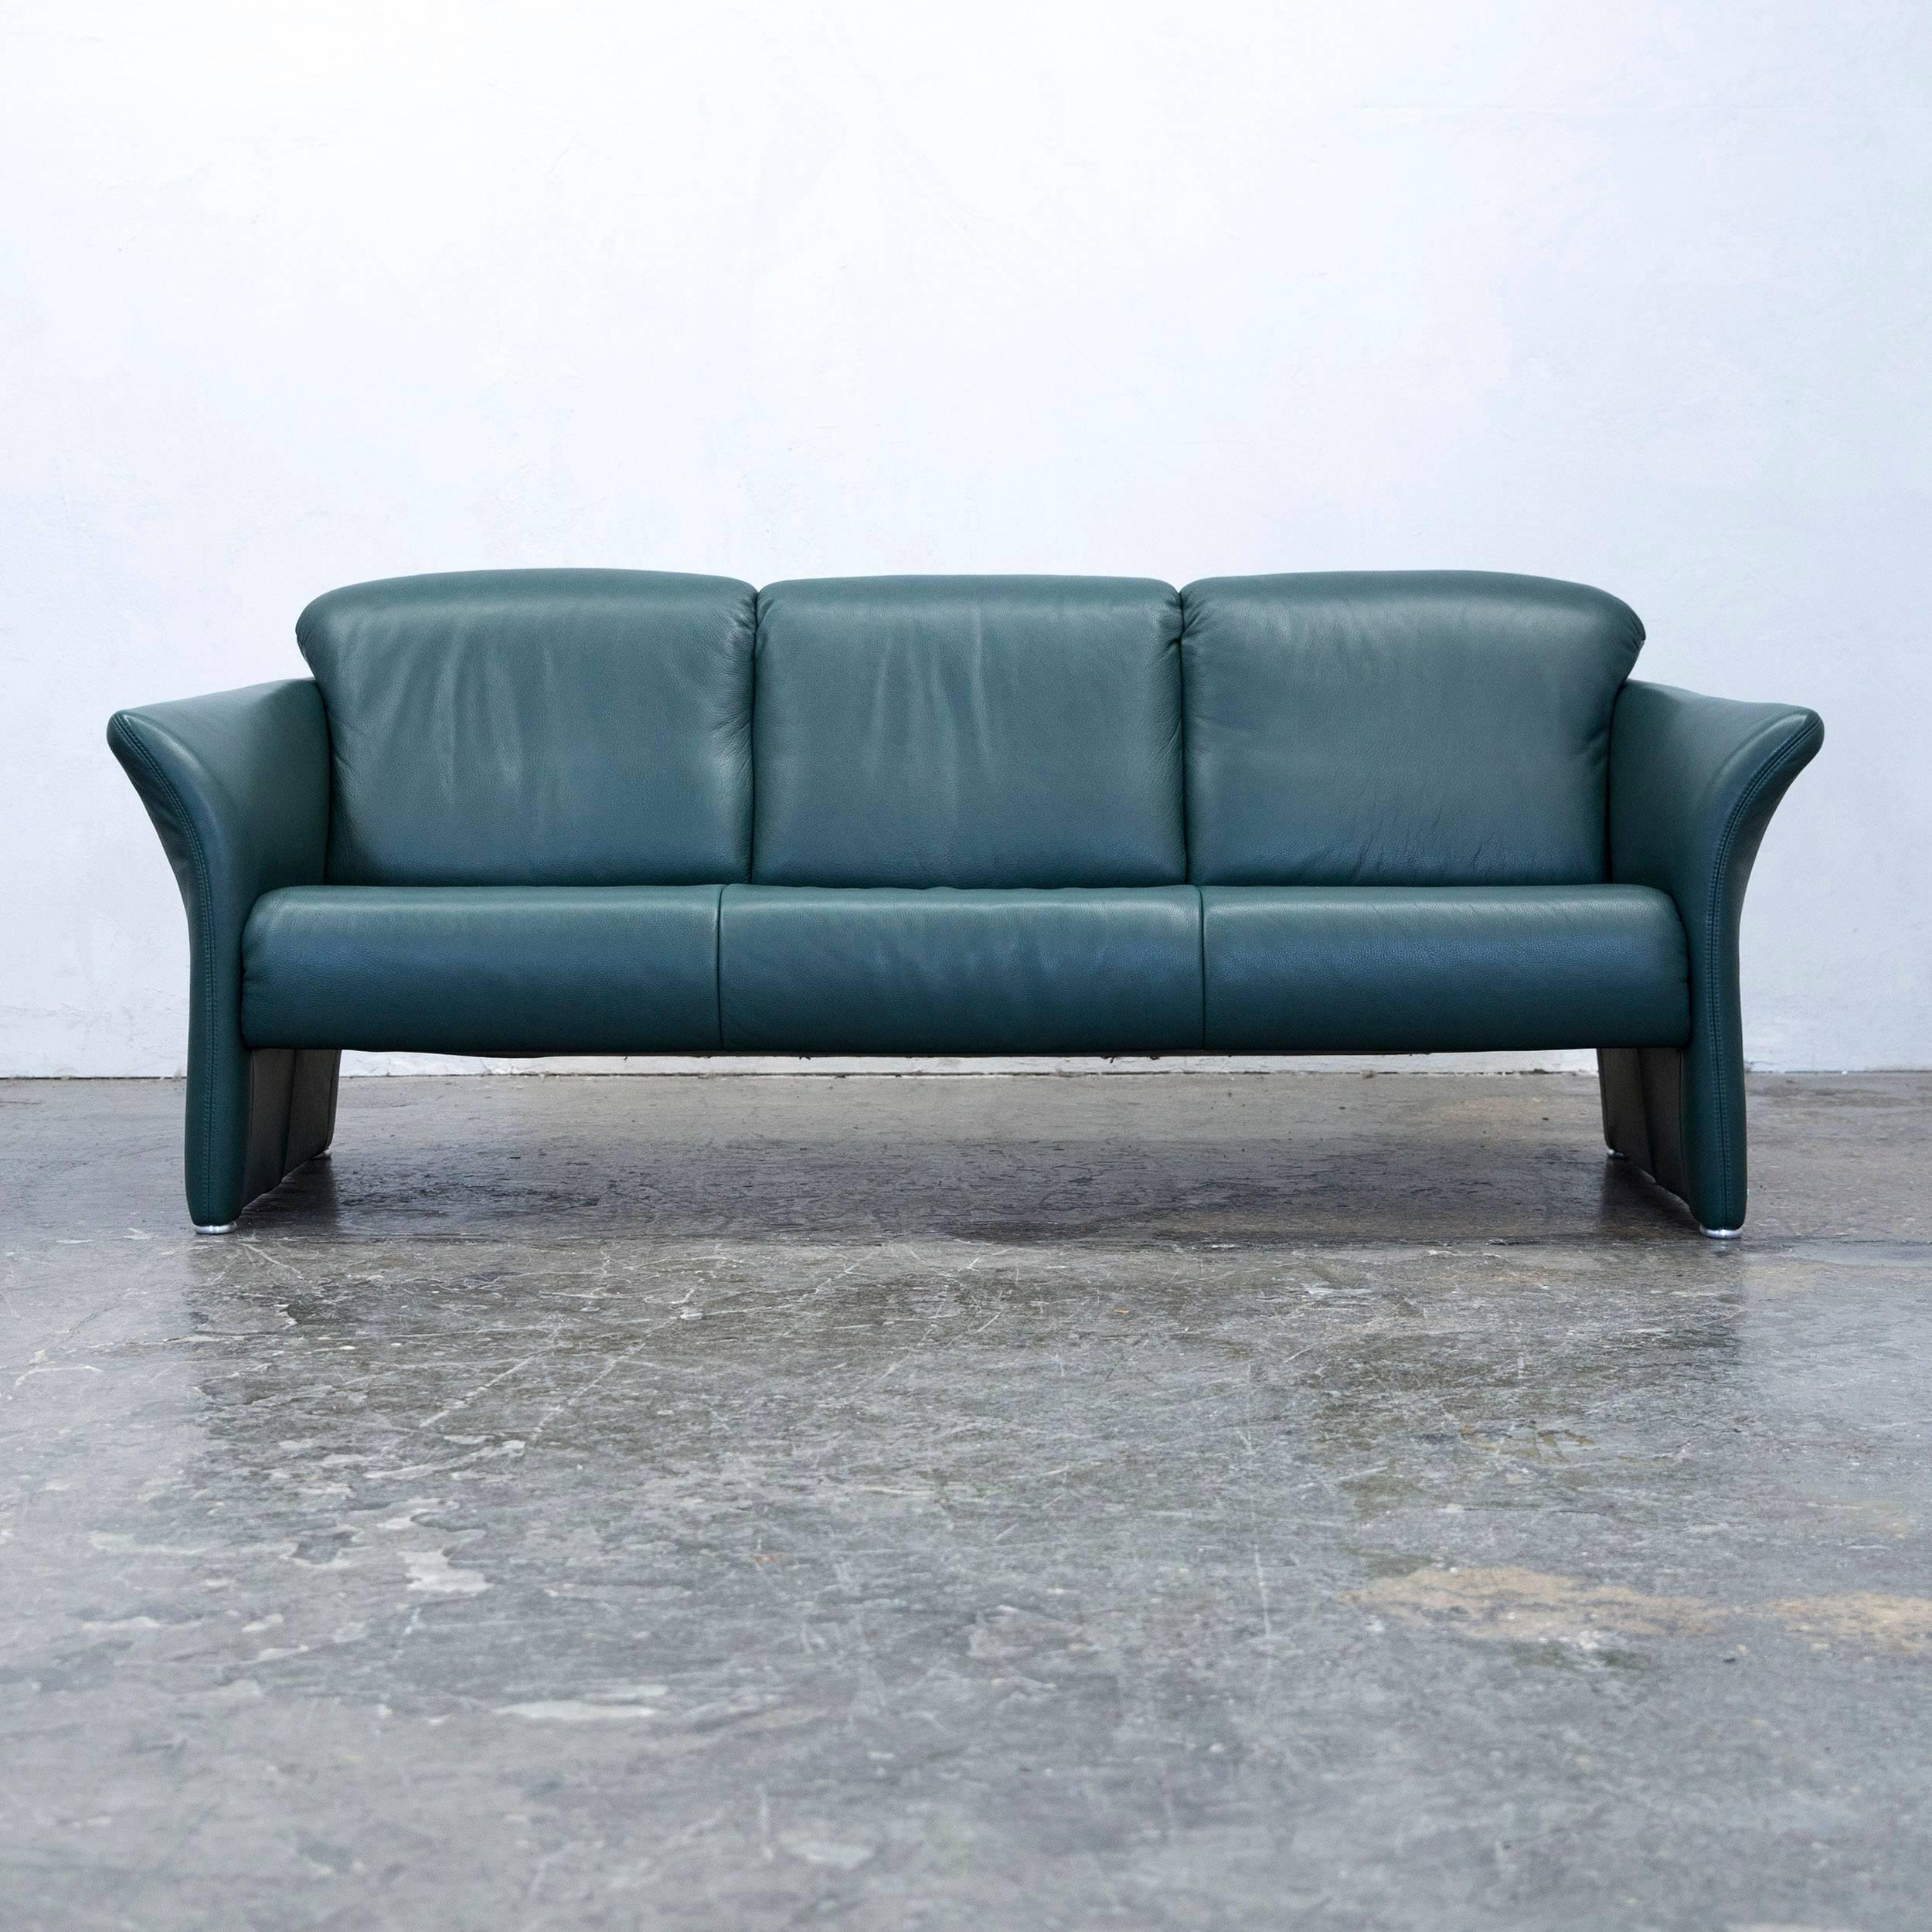 gebrauchte sofas kaufen perfect splendid design ideas. Black Bedroom Furniture Sets. Home Design Ideas